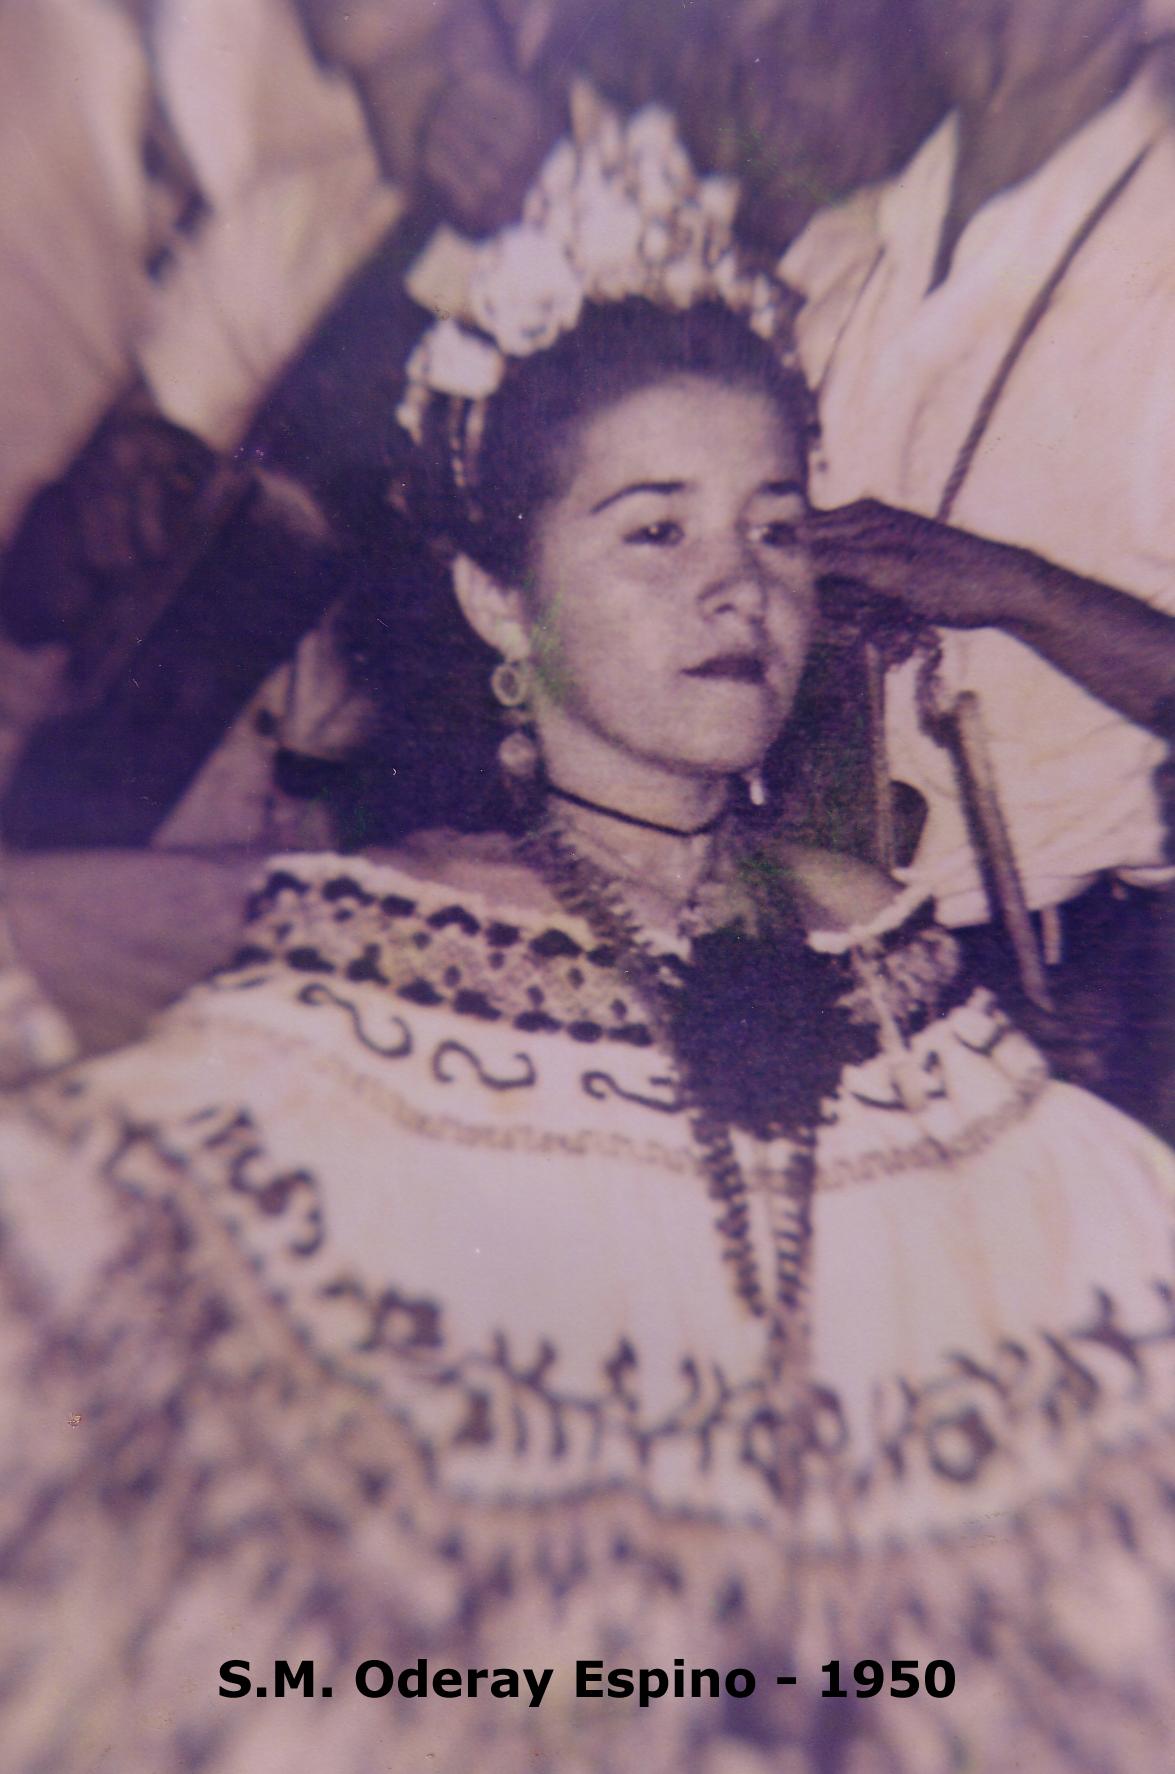 S.M. Lalay Espino (1950)